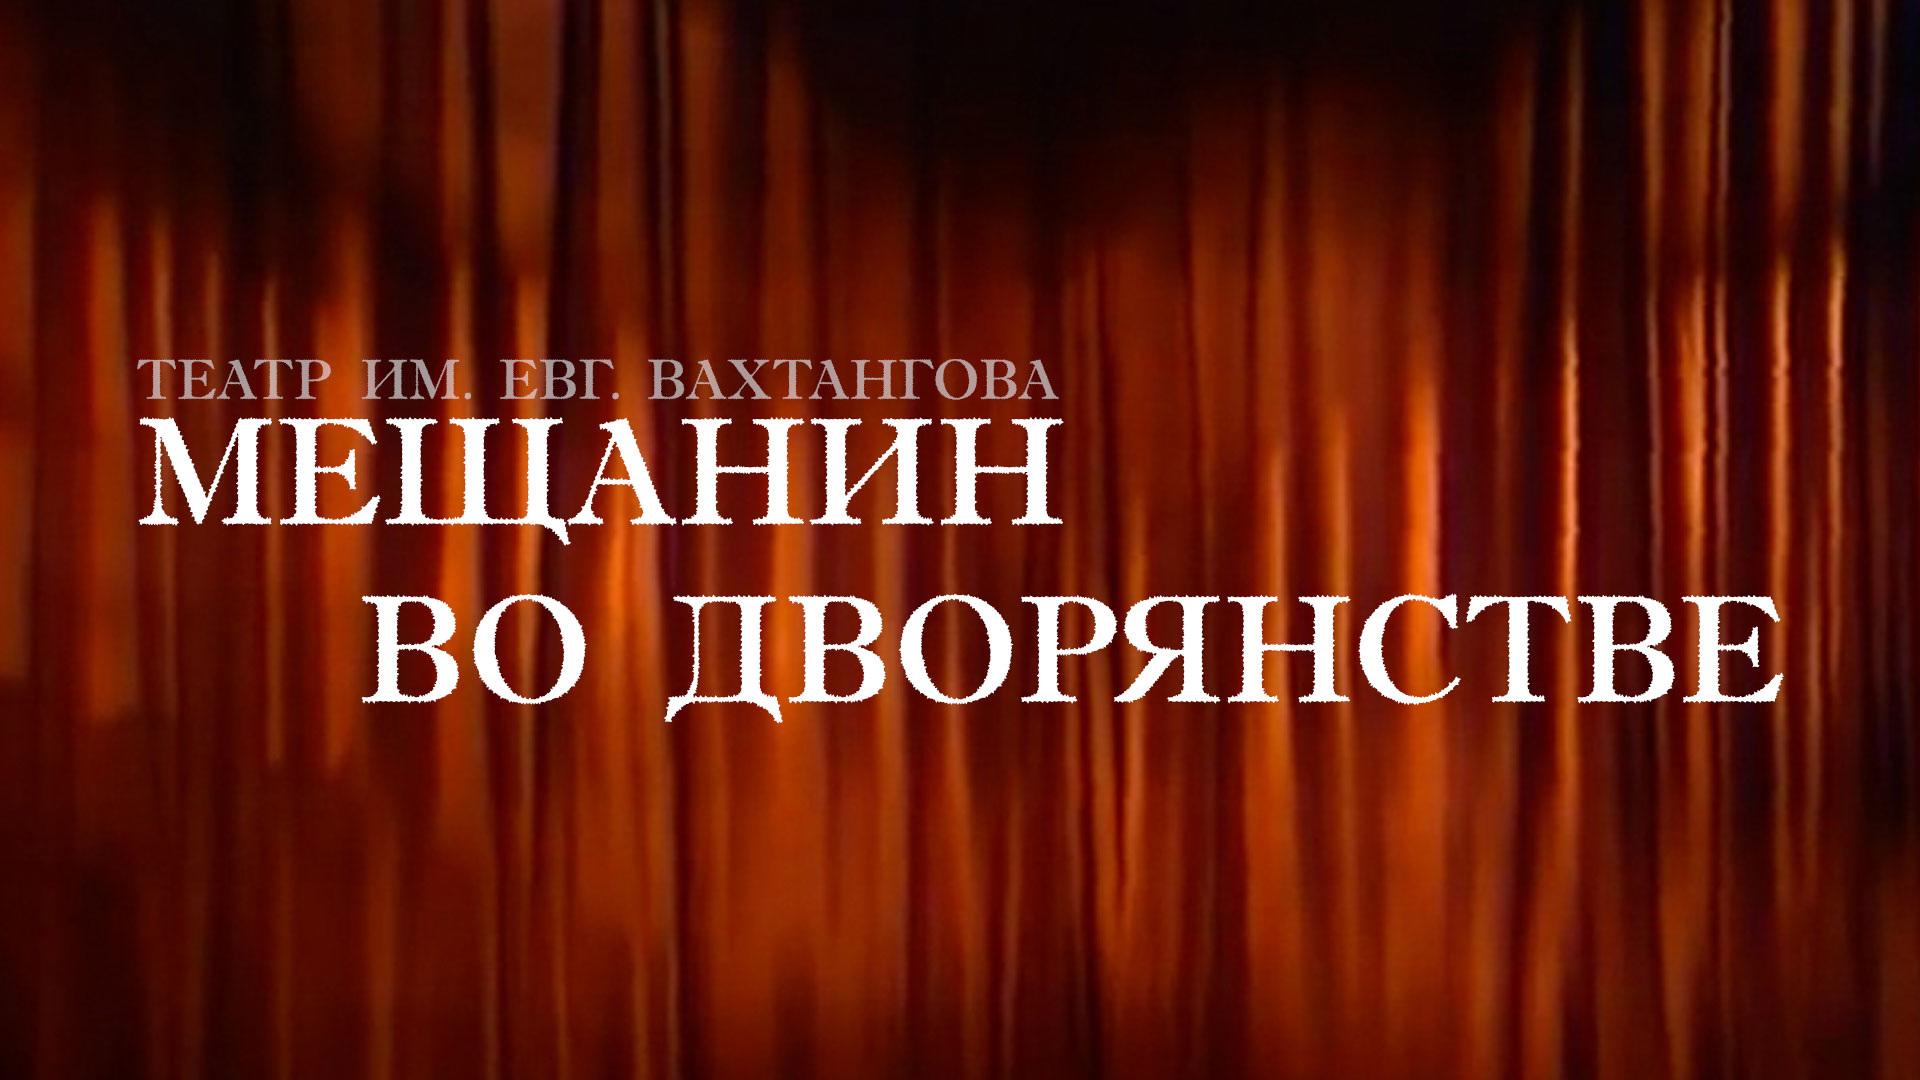 Мещанин во дворянстве (Театр им. Евг. Вахтангова)